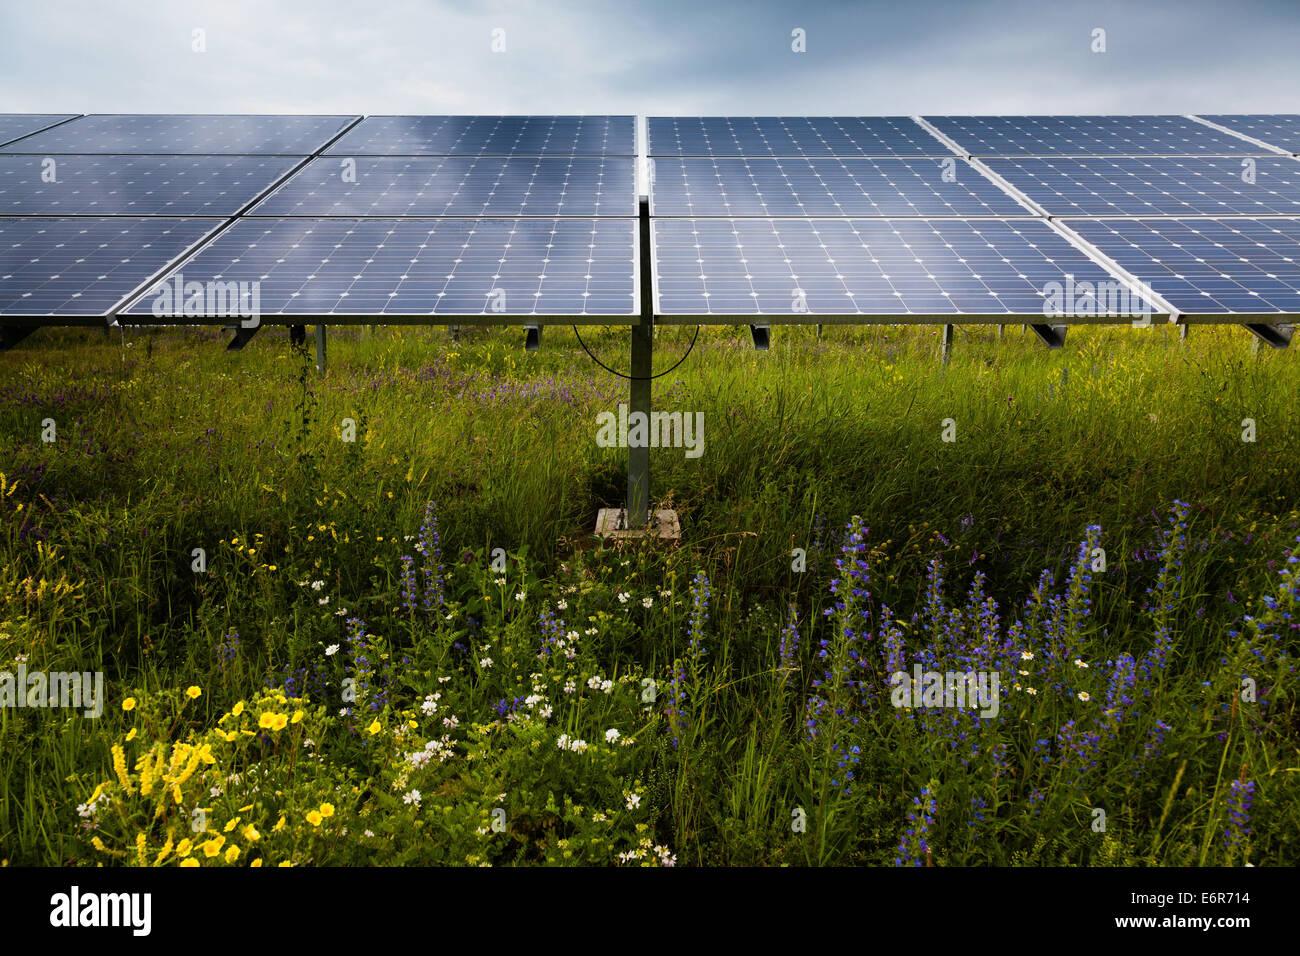 Kraftwerk mit erneuerbarer Solarenergie Stockbild